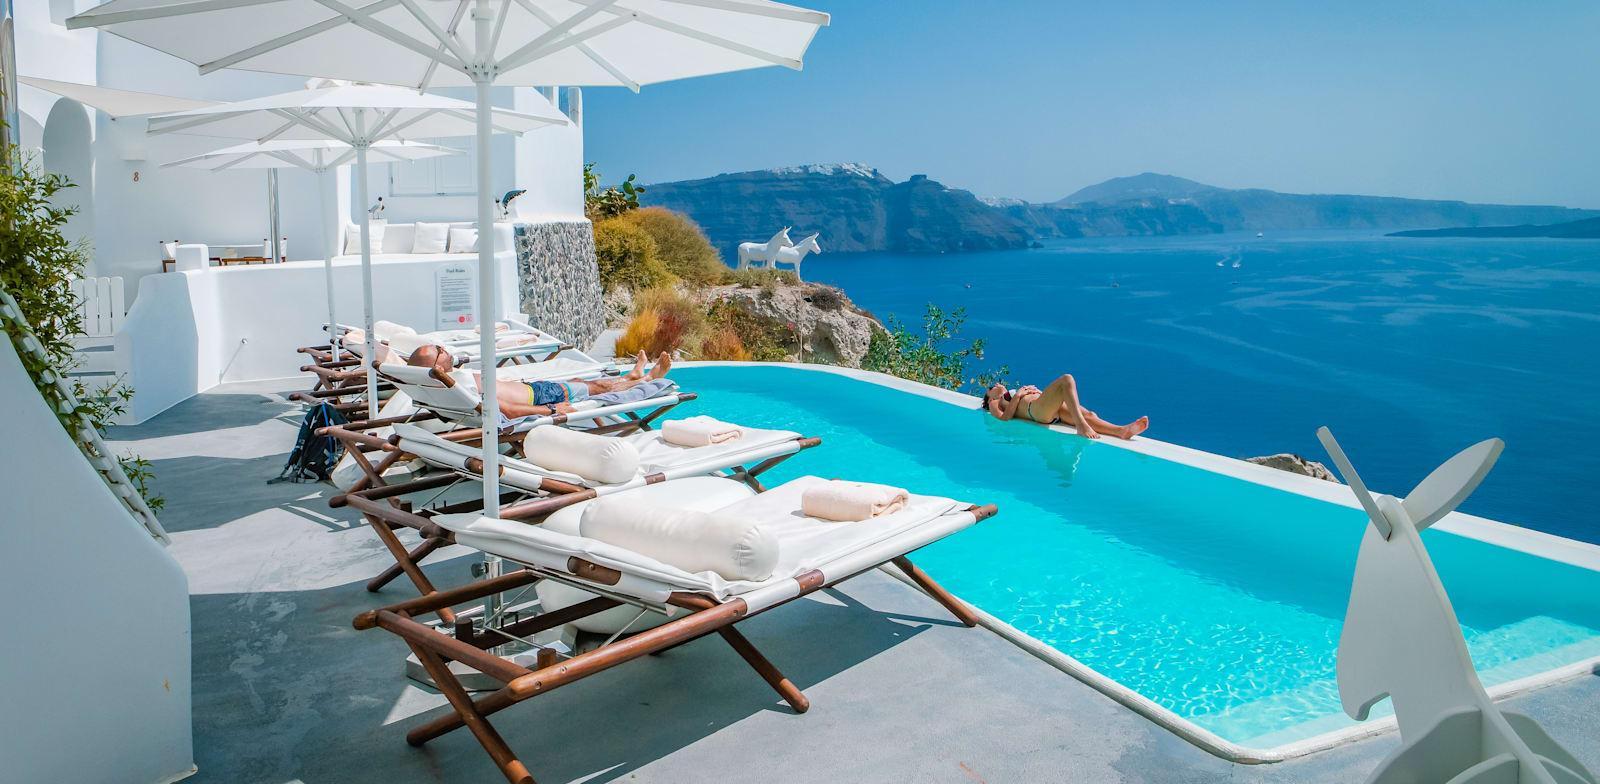 """מלון ביוון. """"מאמינים בחוויית לקוח במלונות העצמאיים"""" / צילום: Shutterstock"""